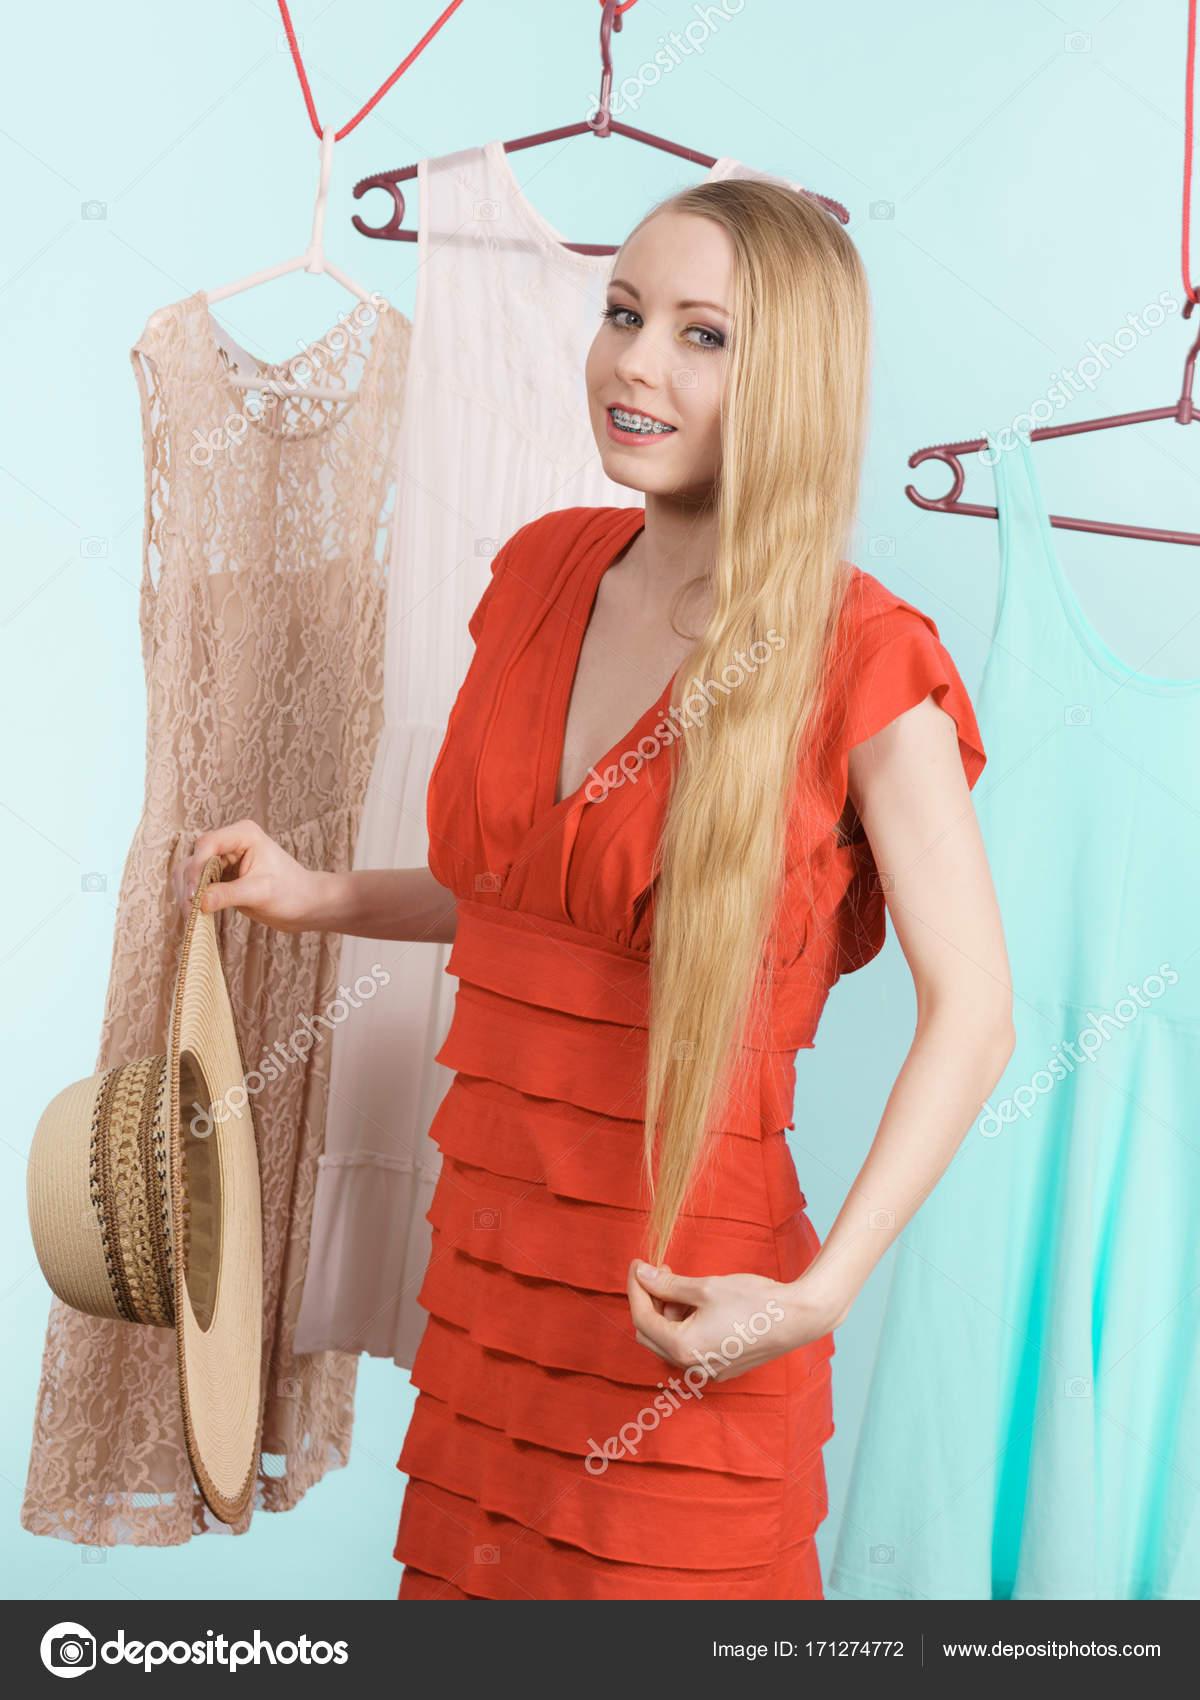 3e86112adb562 Femme dans la boutique de vêtements magasin tenue parfaite de la cueillette  l'été, tenant le chapeau à large bord, robe suspendus sur des cintres pour  ...